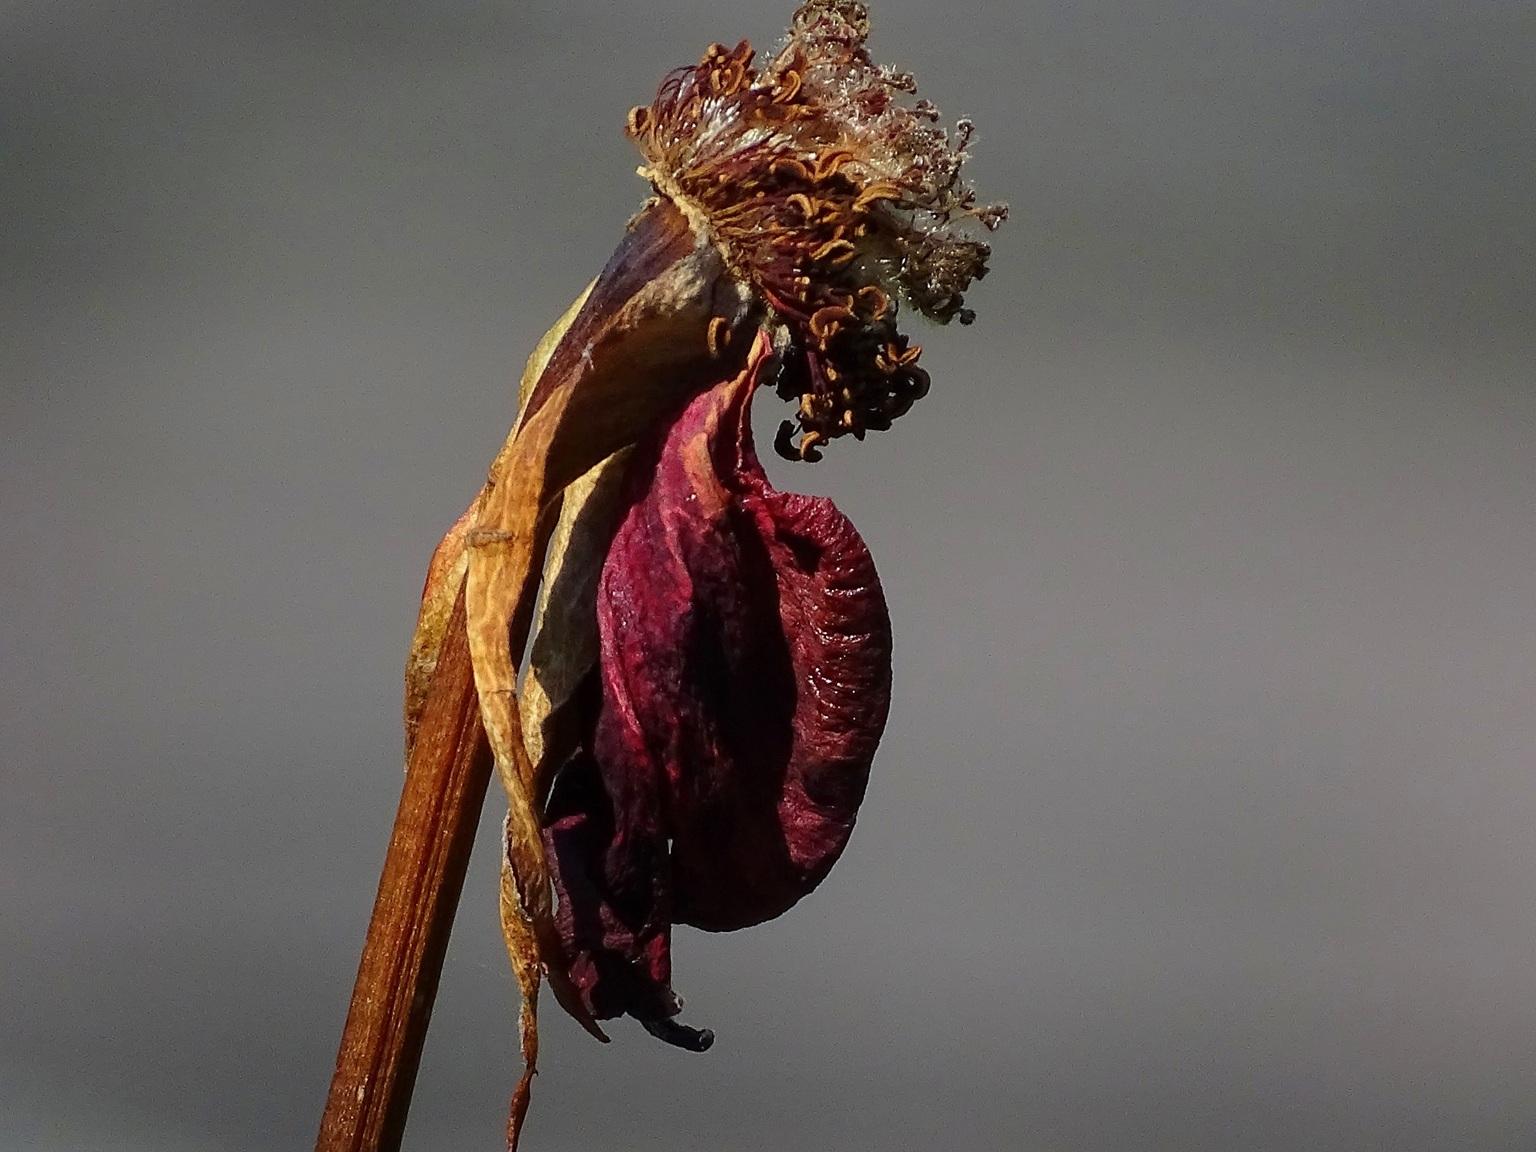 Das war einmaal - Een roos. - foto door jan.pijper op 18-04-2021 - deze foto bevat: fabriek, bloem, bloemblaadje, organisme, terrestrische plant, takje, bloeiende plant, macrofotografie, magenta, evenement